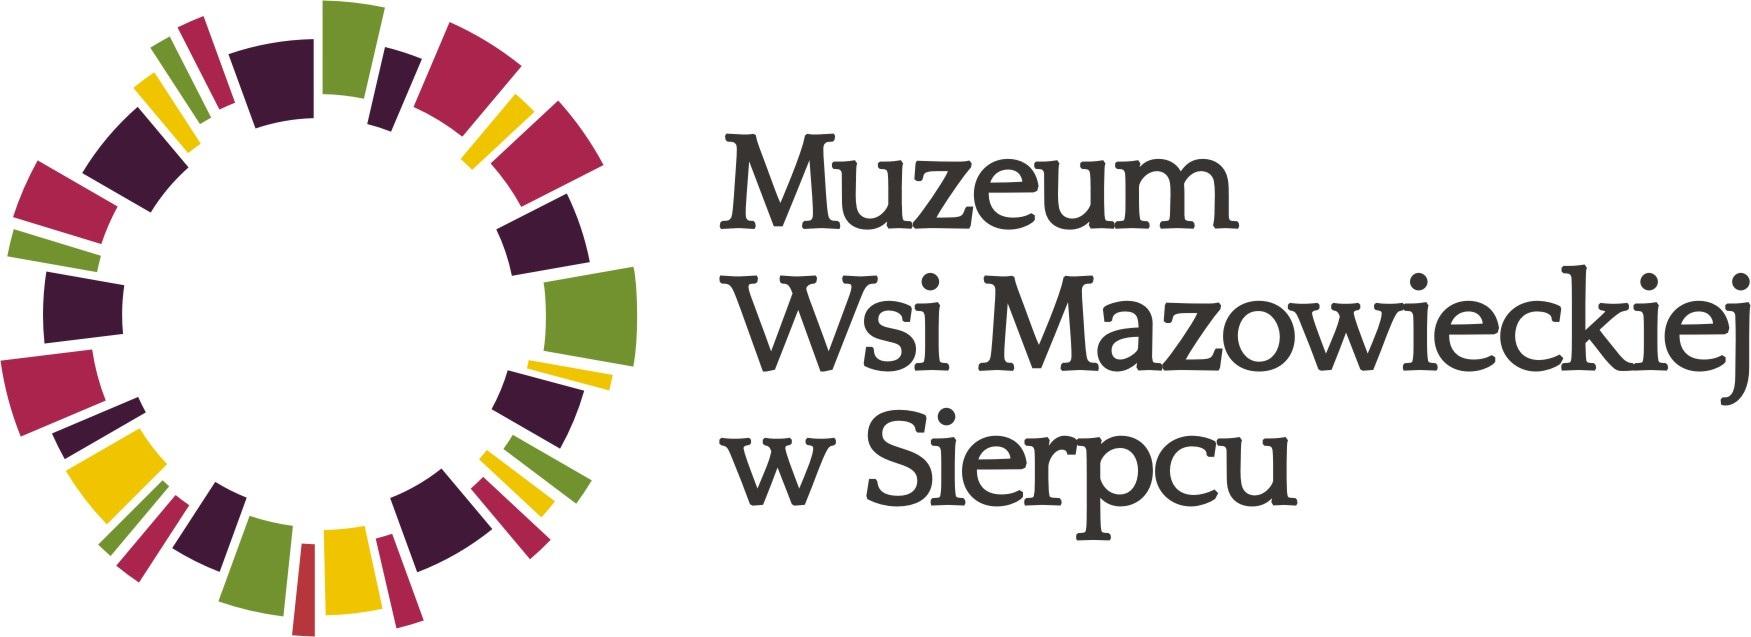 logo_zniwa-w-sierpcu